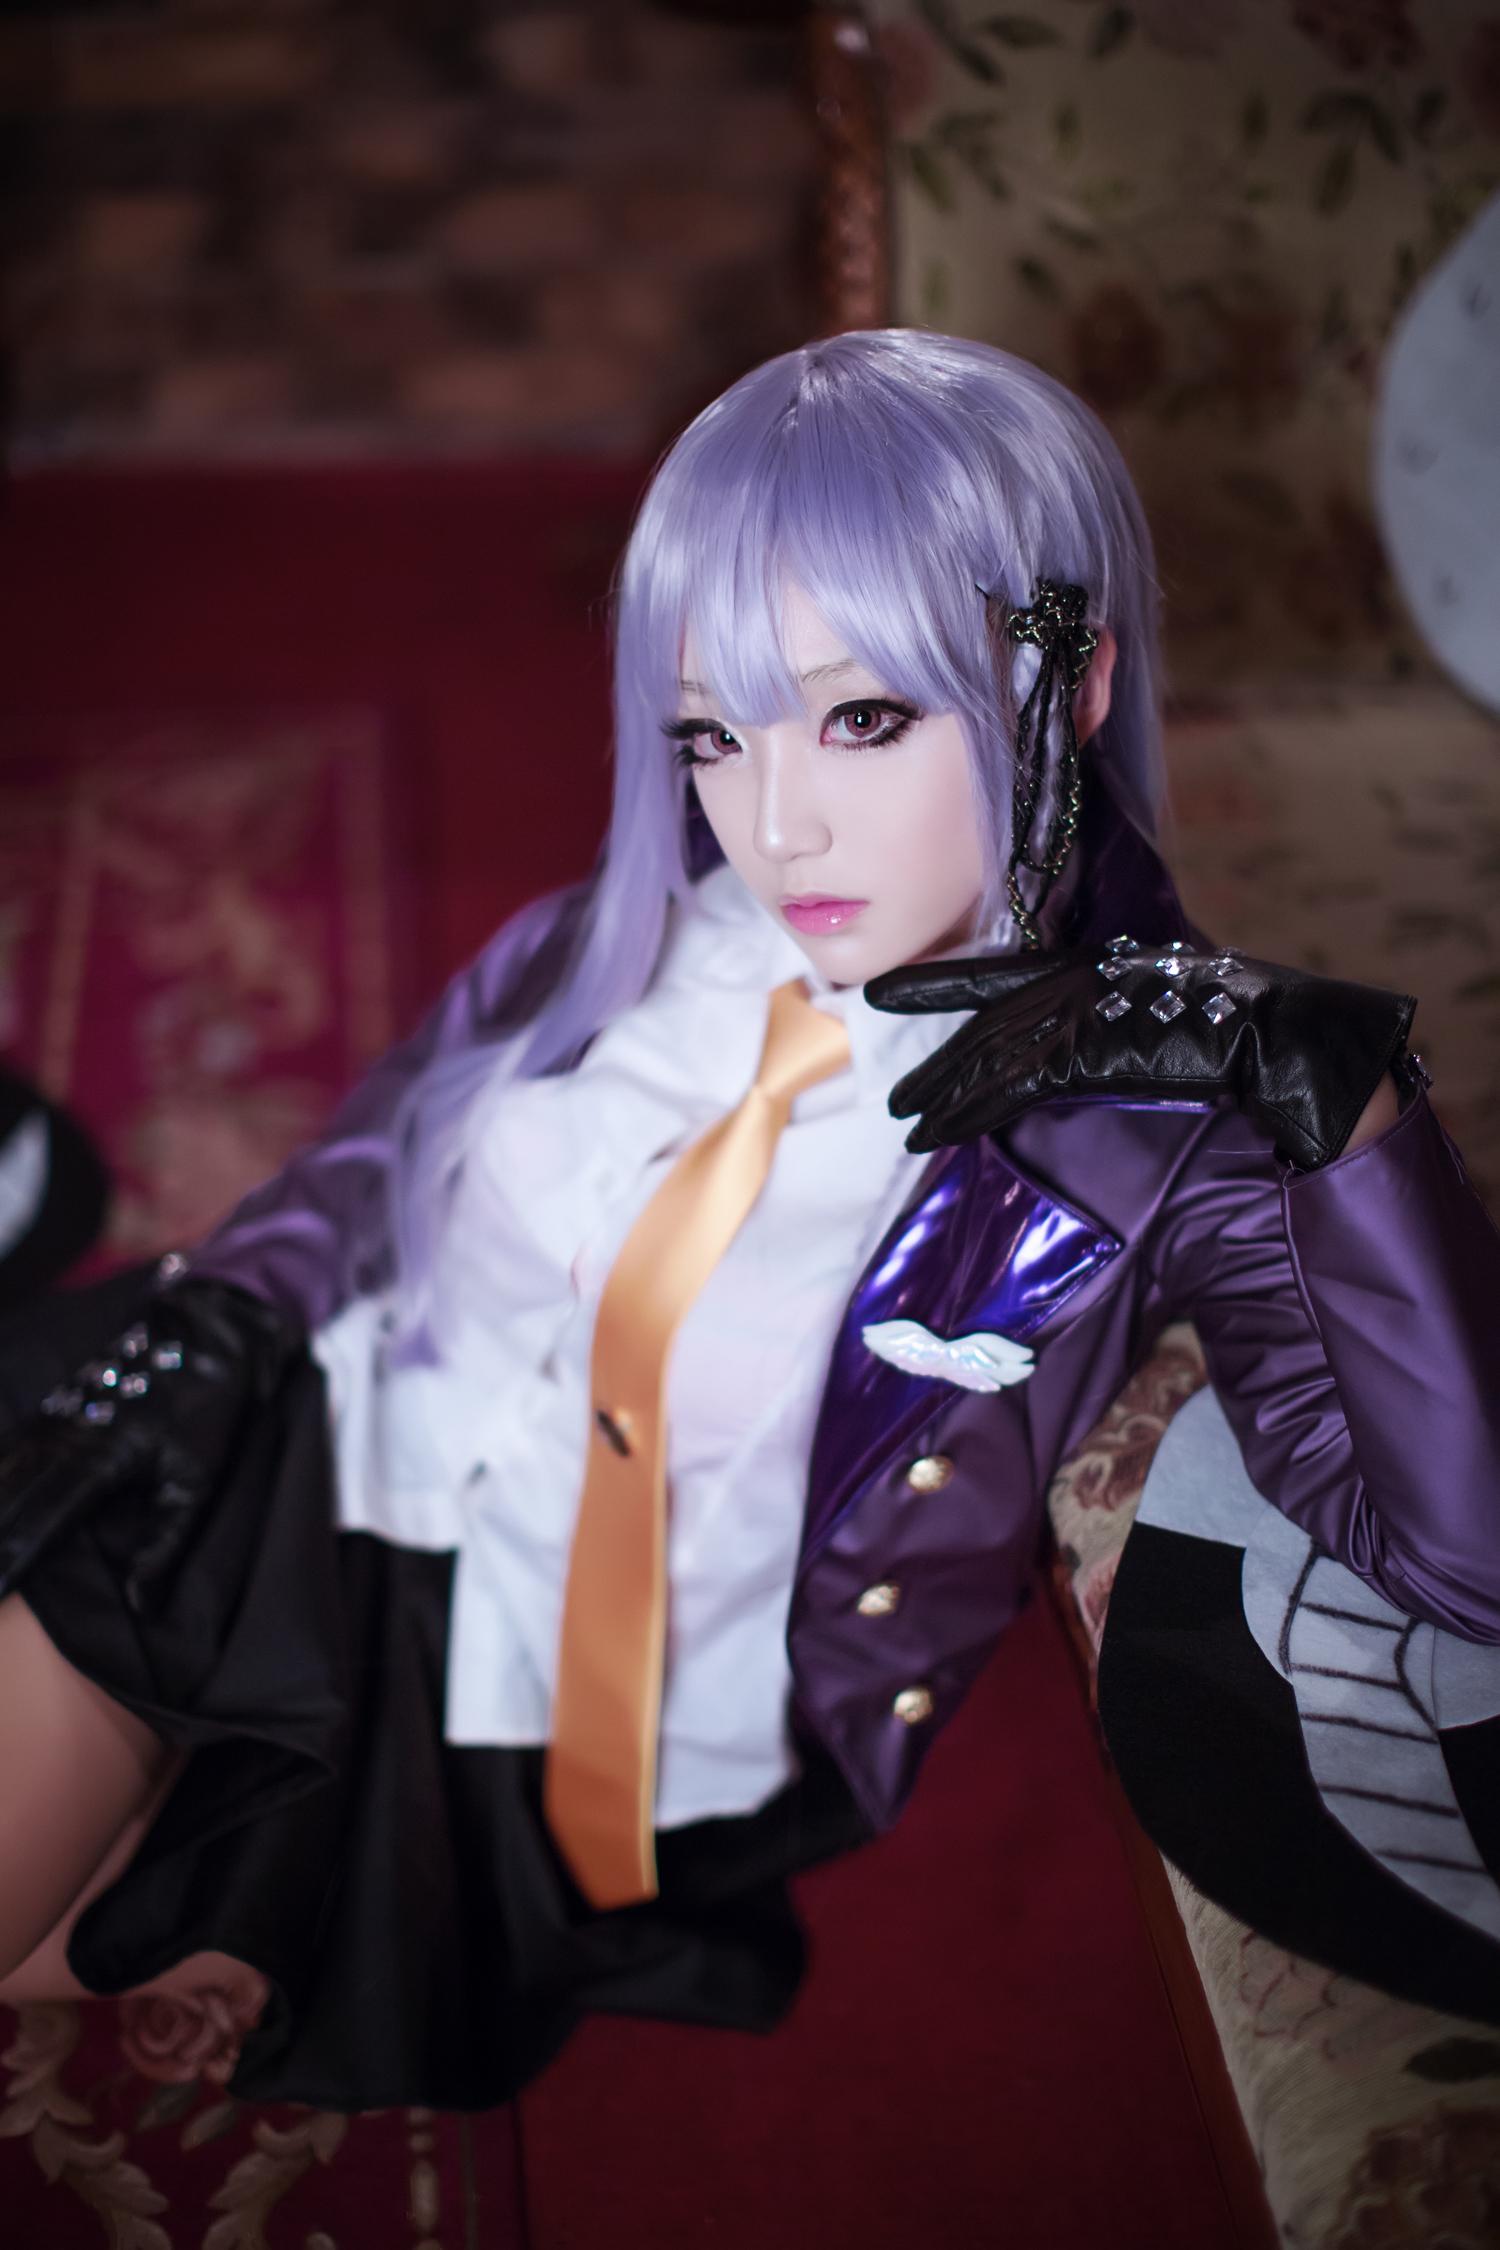 Classy Kyouko Kirigiri Cosplay by Aza Miyuko haruhichan.com Danganronpa Kibou no Gakuen to Zetsubou no Koukousei Kyouko Kirigiri cosplay 11